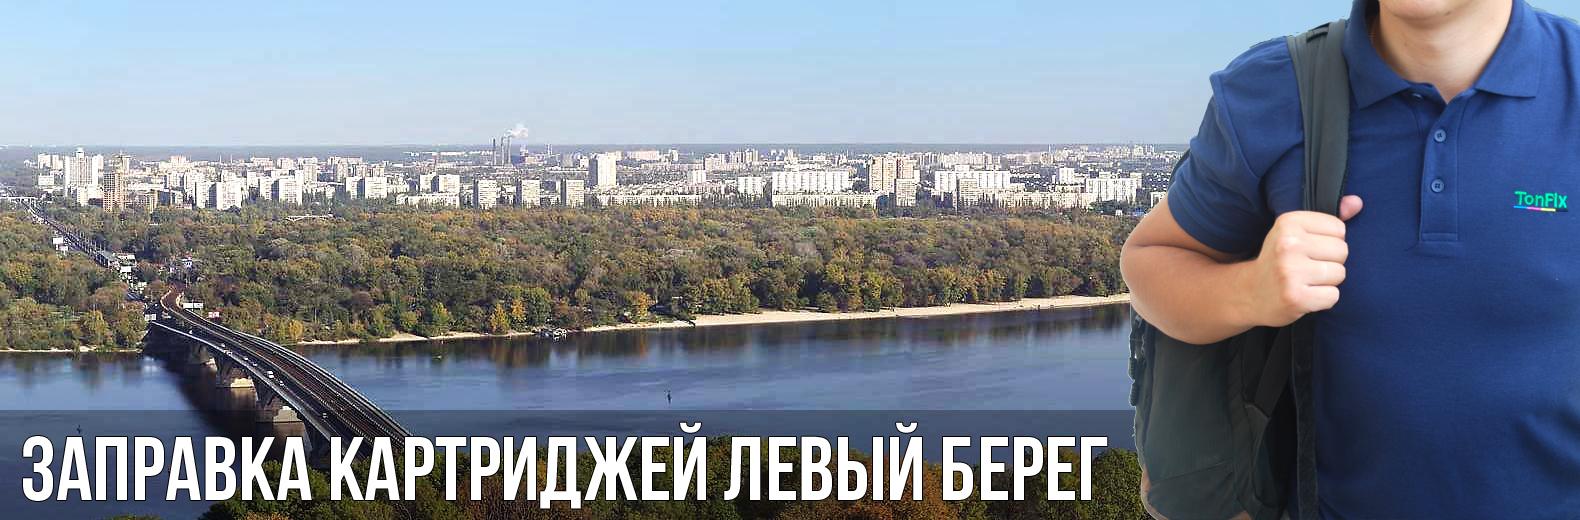 Заправка картриджей на левом берегу Киева стала доступнее